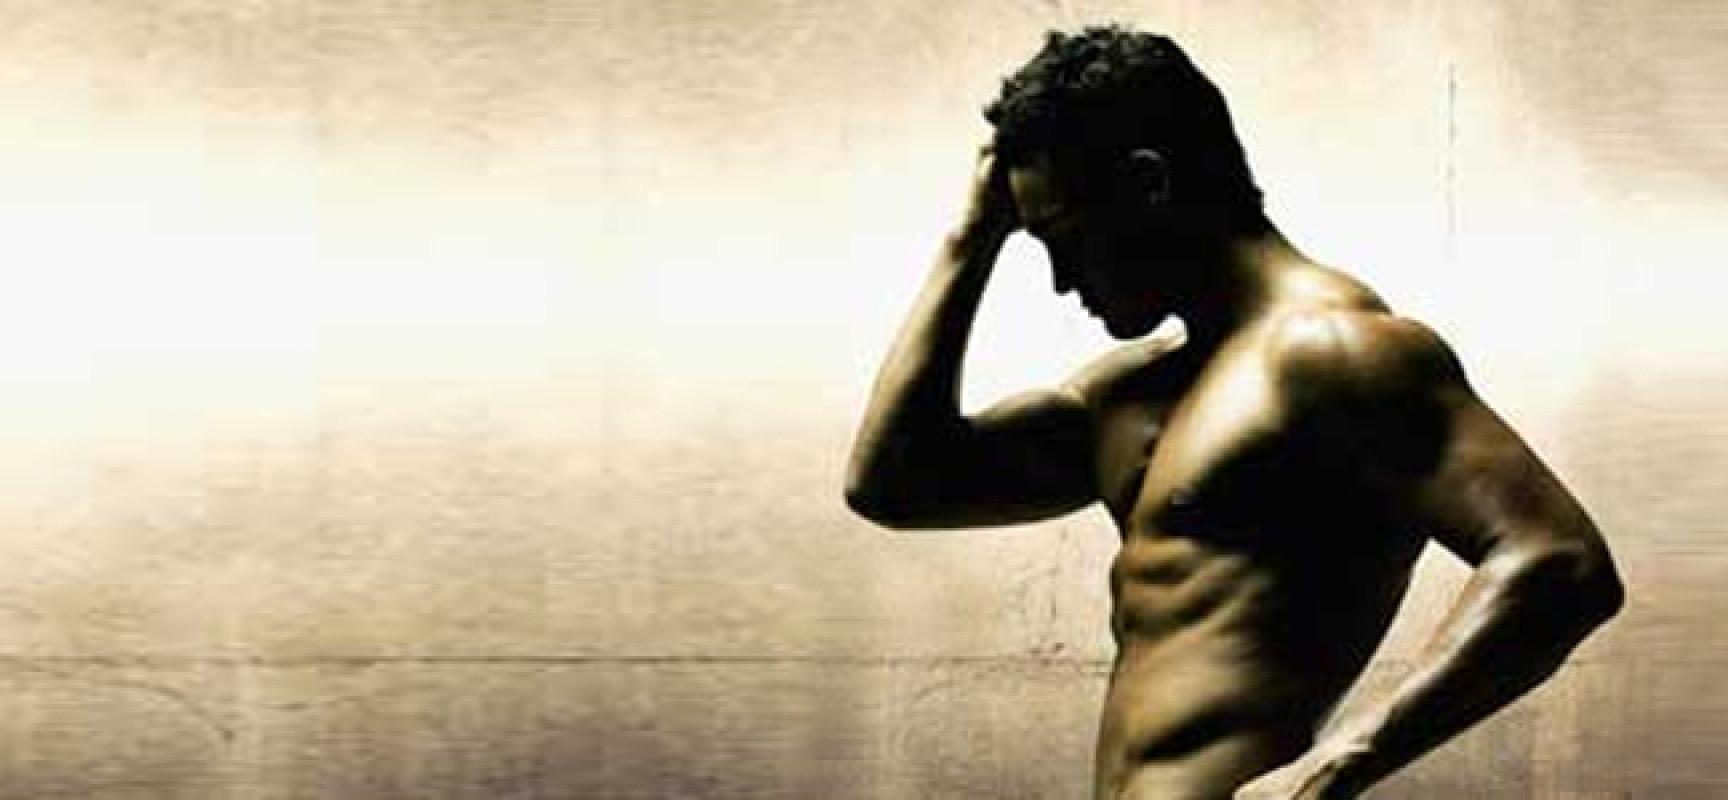 Сексуальный массаж половых органов мужчины 25 фотография